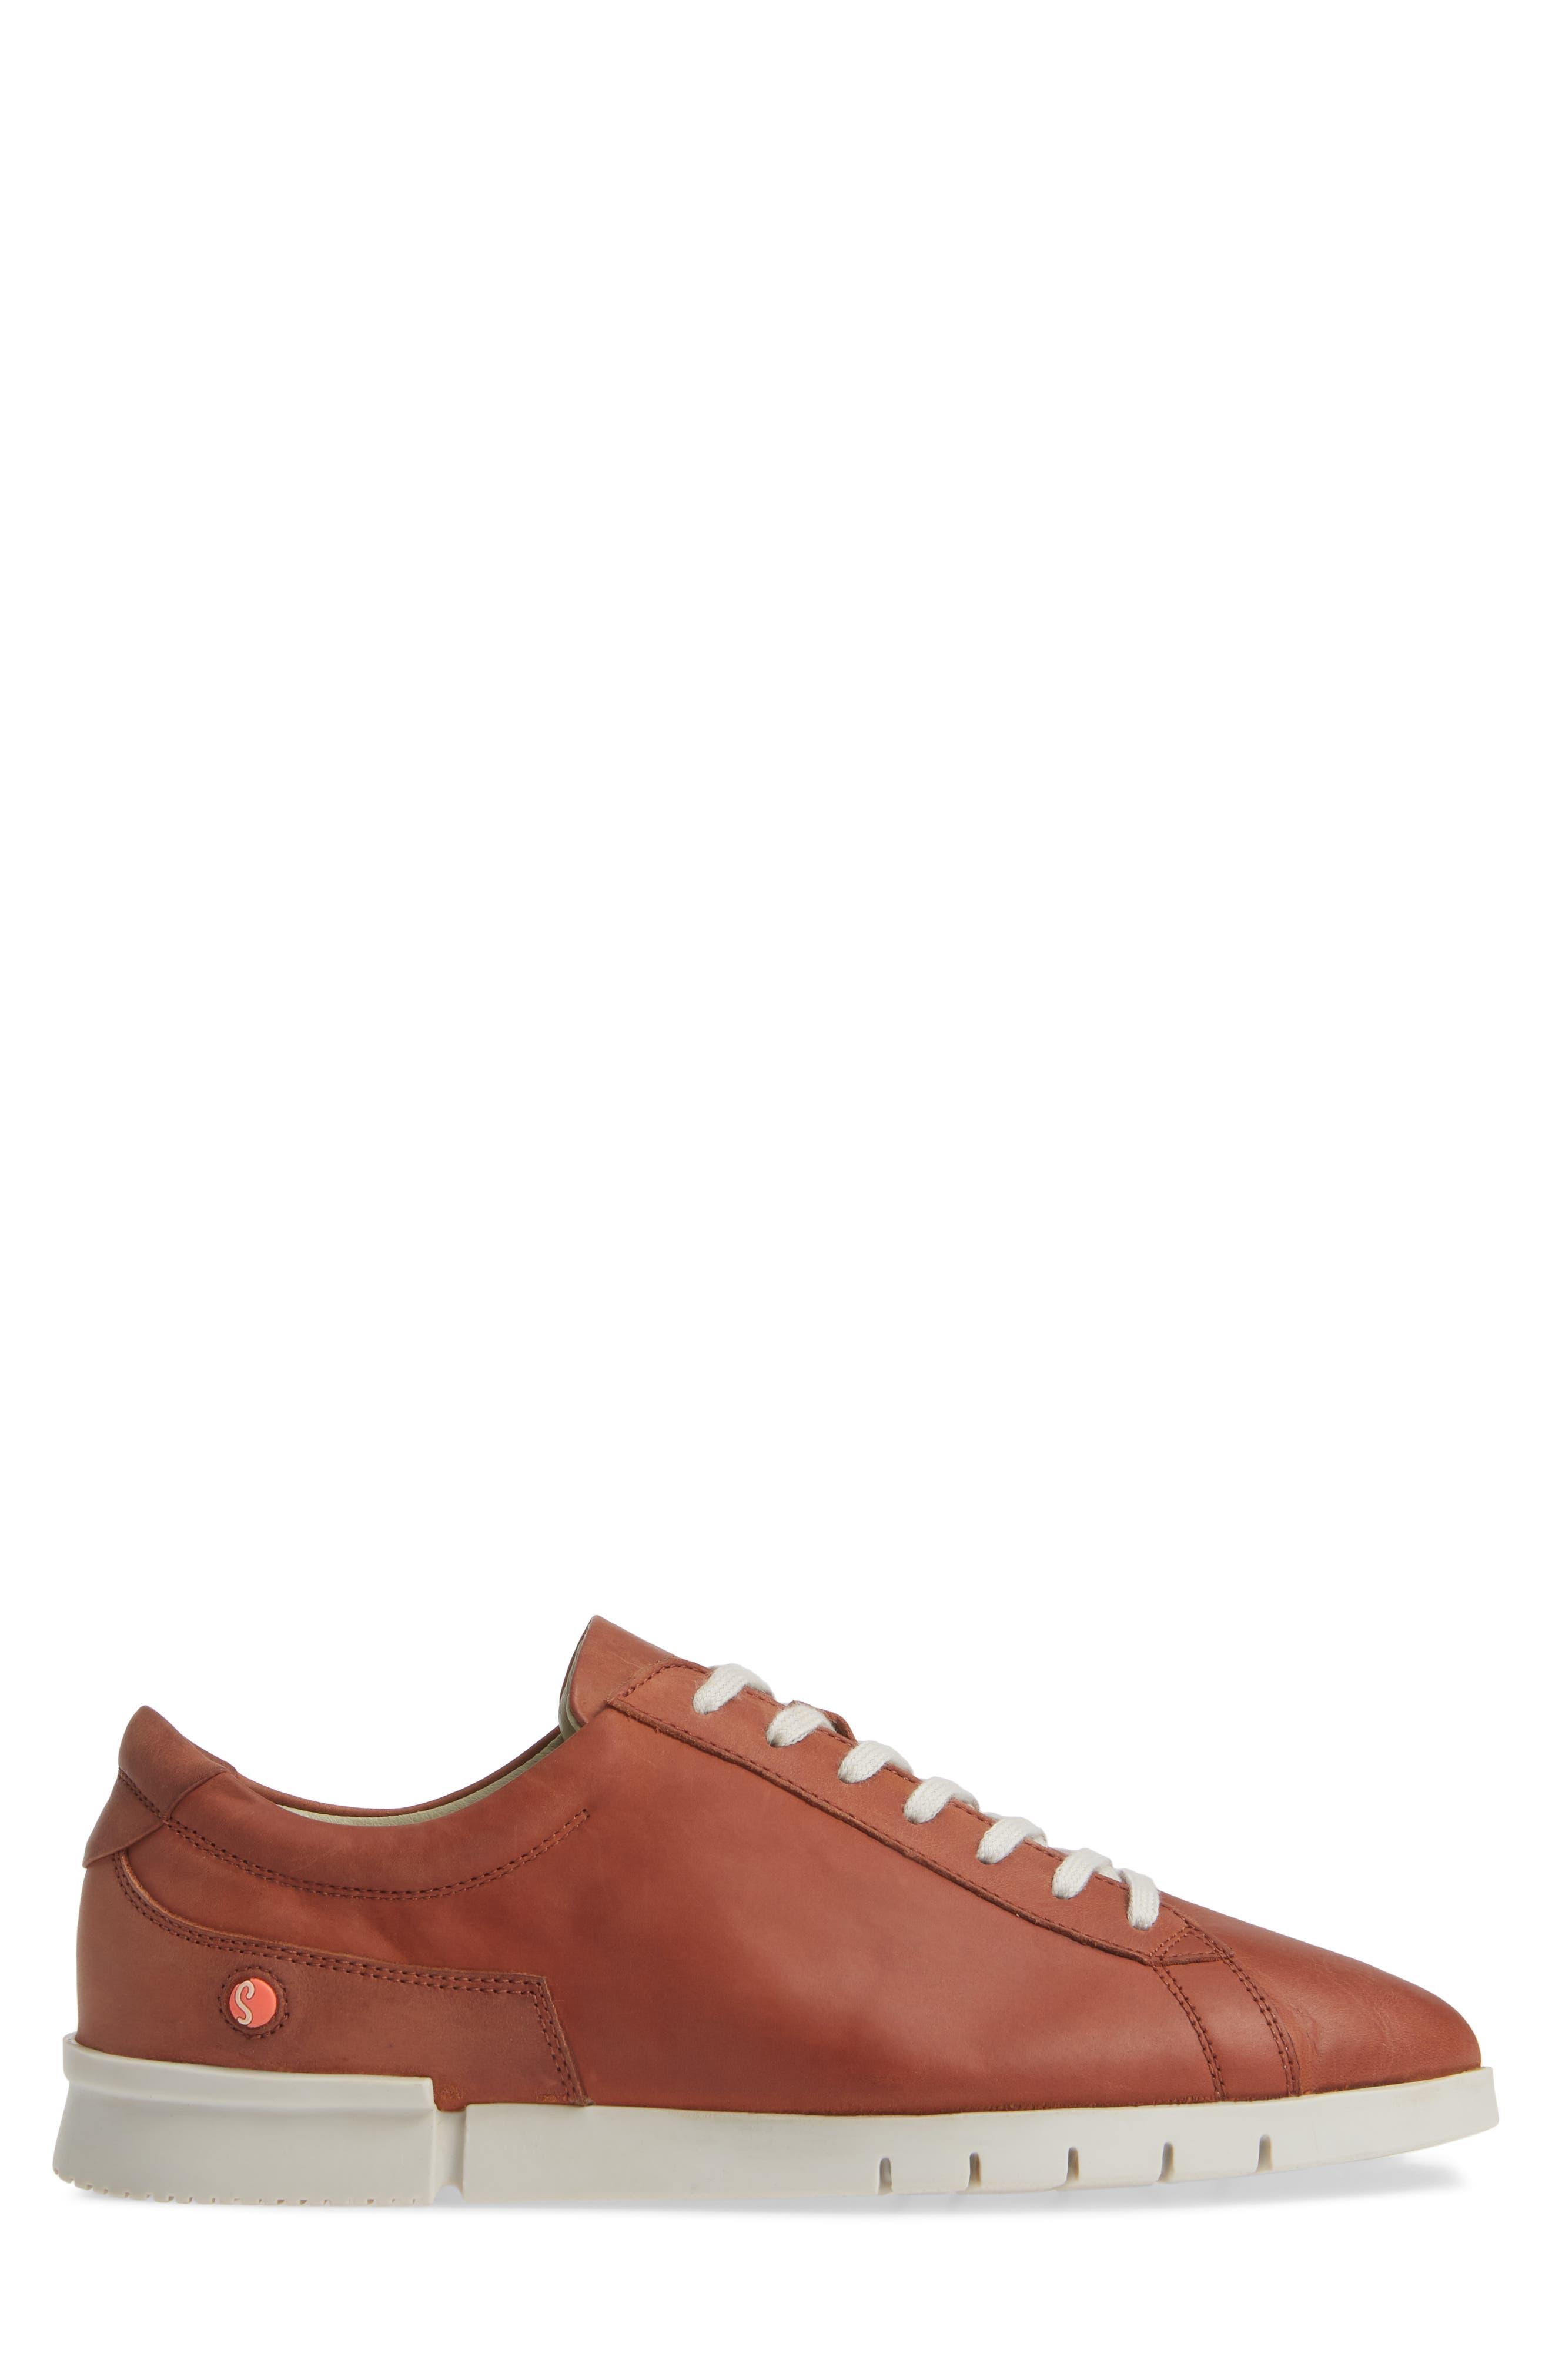 Cer Low-Top Sneaker,                             Alternate thumbnail 3, color,                             COGNAC CORGI LEATHER